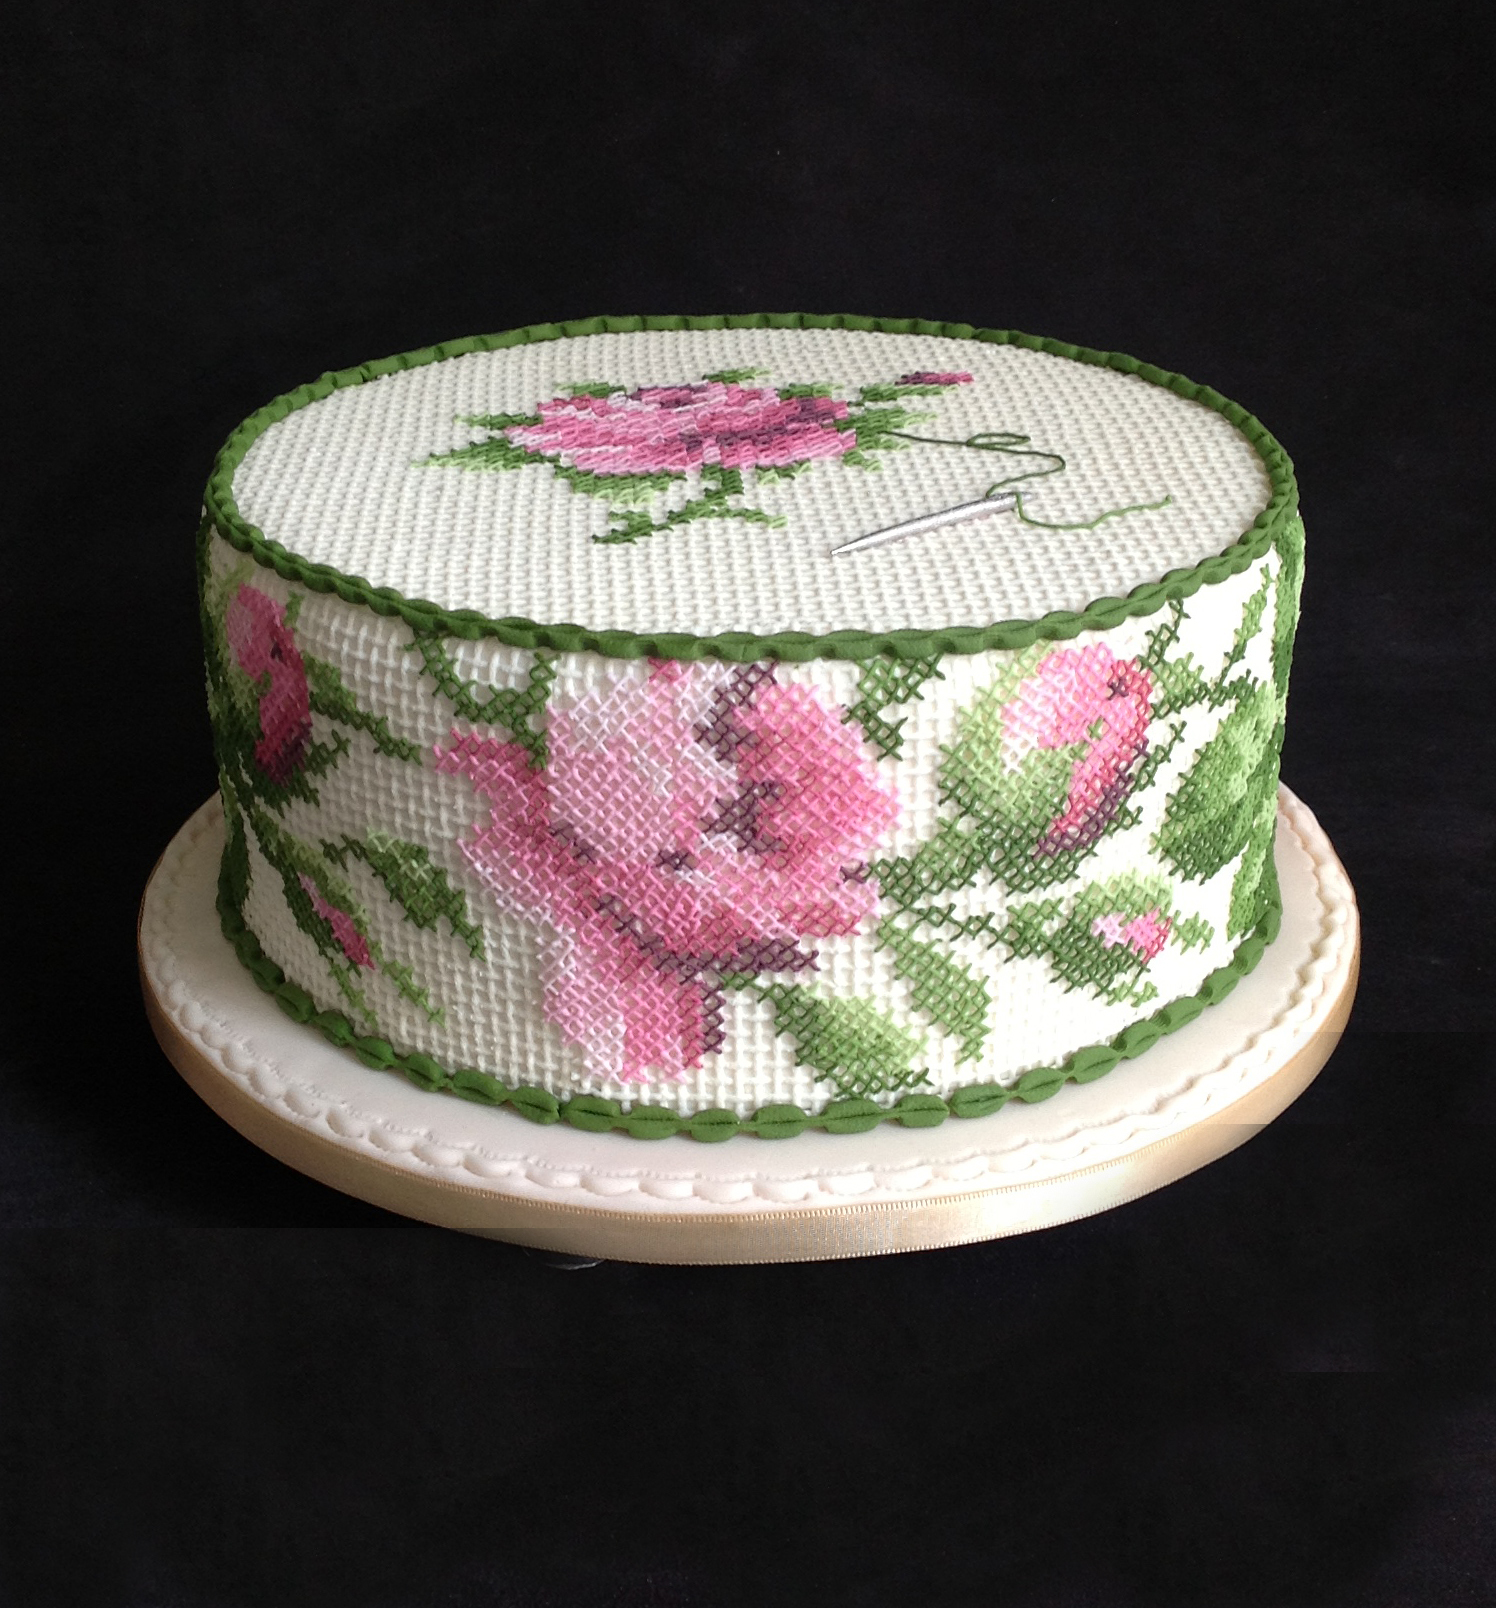 Cross stitch Cake